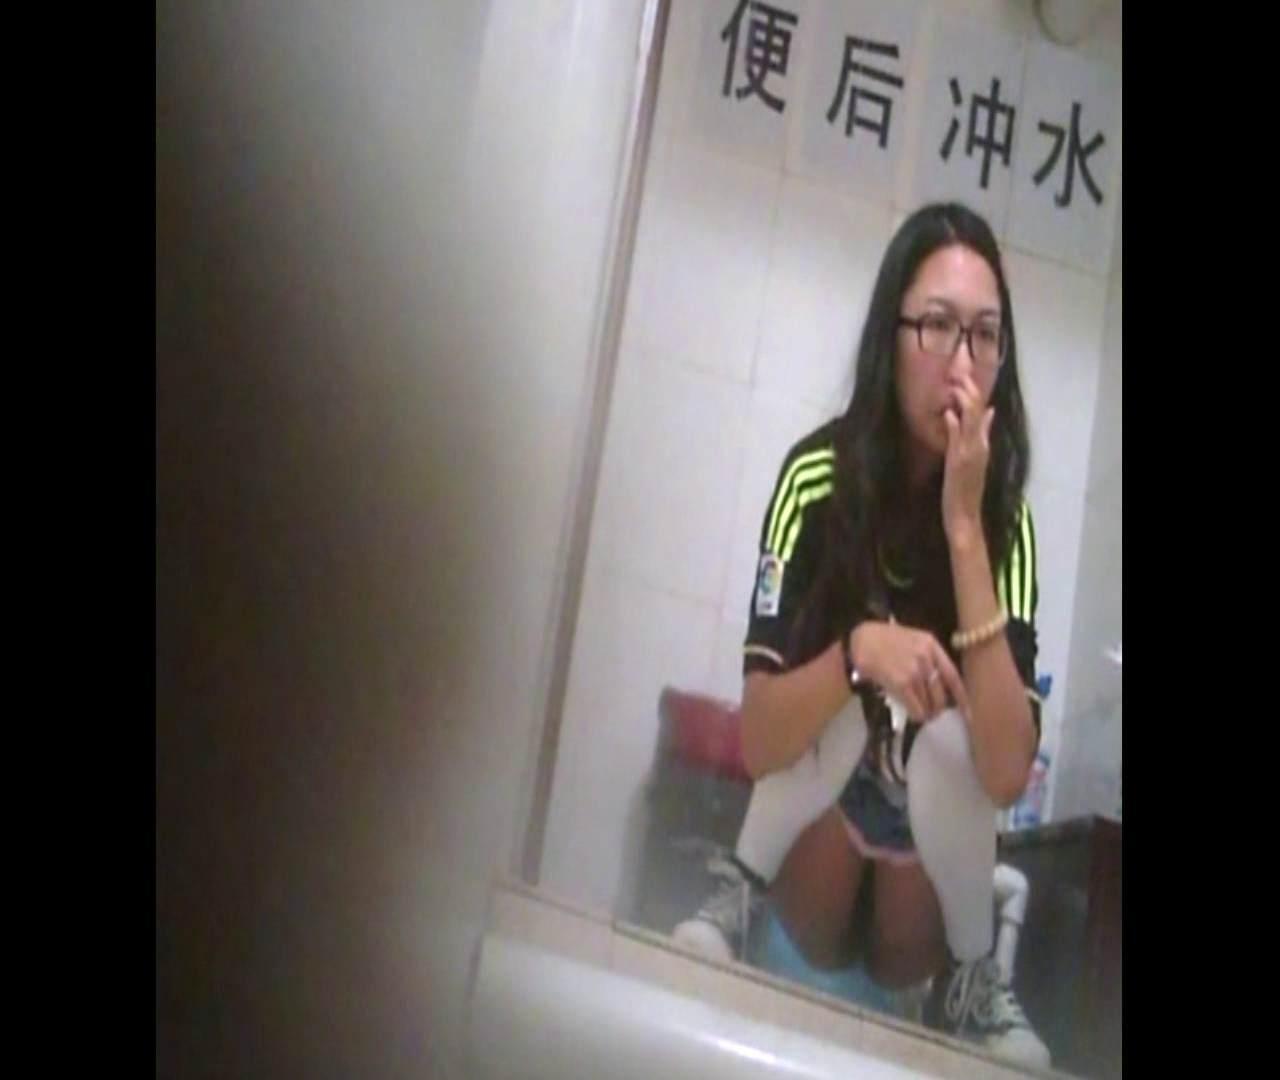 Vol.40 かわいい顔して鼻に指入っちゃいまーす。 洗面所 盗み撮りSEX無修正画像 28pic 17